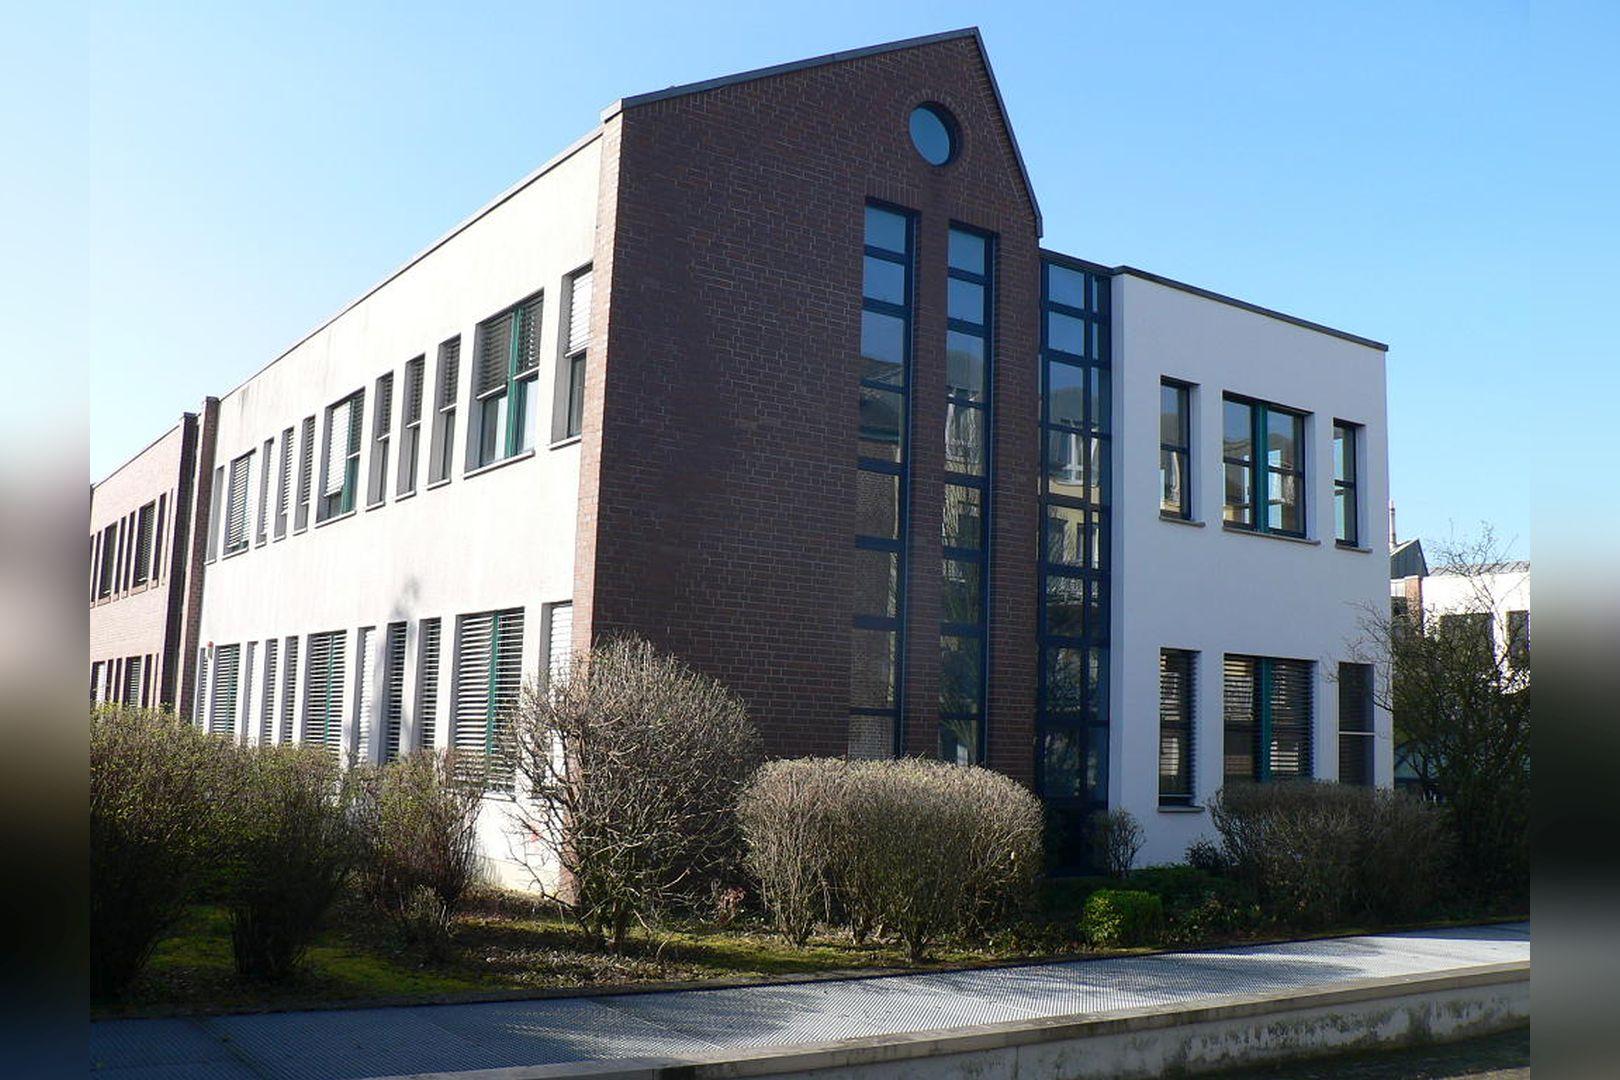 Immobilie Nr.0200 - Gut vermietete Büro- und Praxisflächen mit Tiefgarage und Außenstellplätzen - Bild 4.jpg